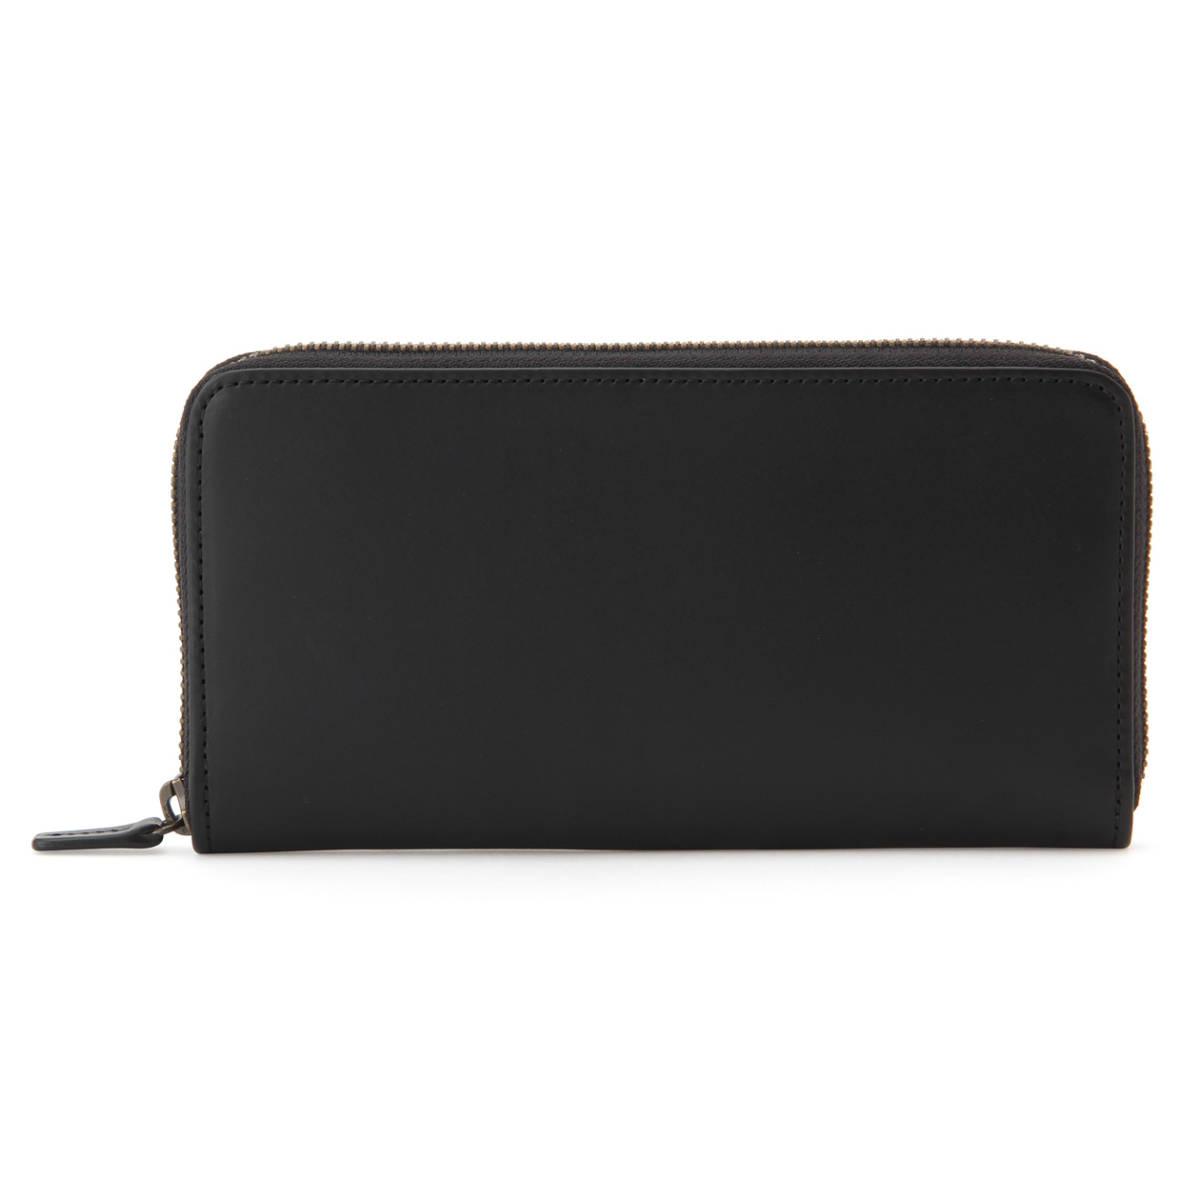 新品 無印良品 MUJI イタリア産 ヌメ革 ラウンドファスナー 長財布 ブラック 黒 正規品